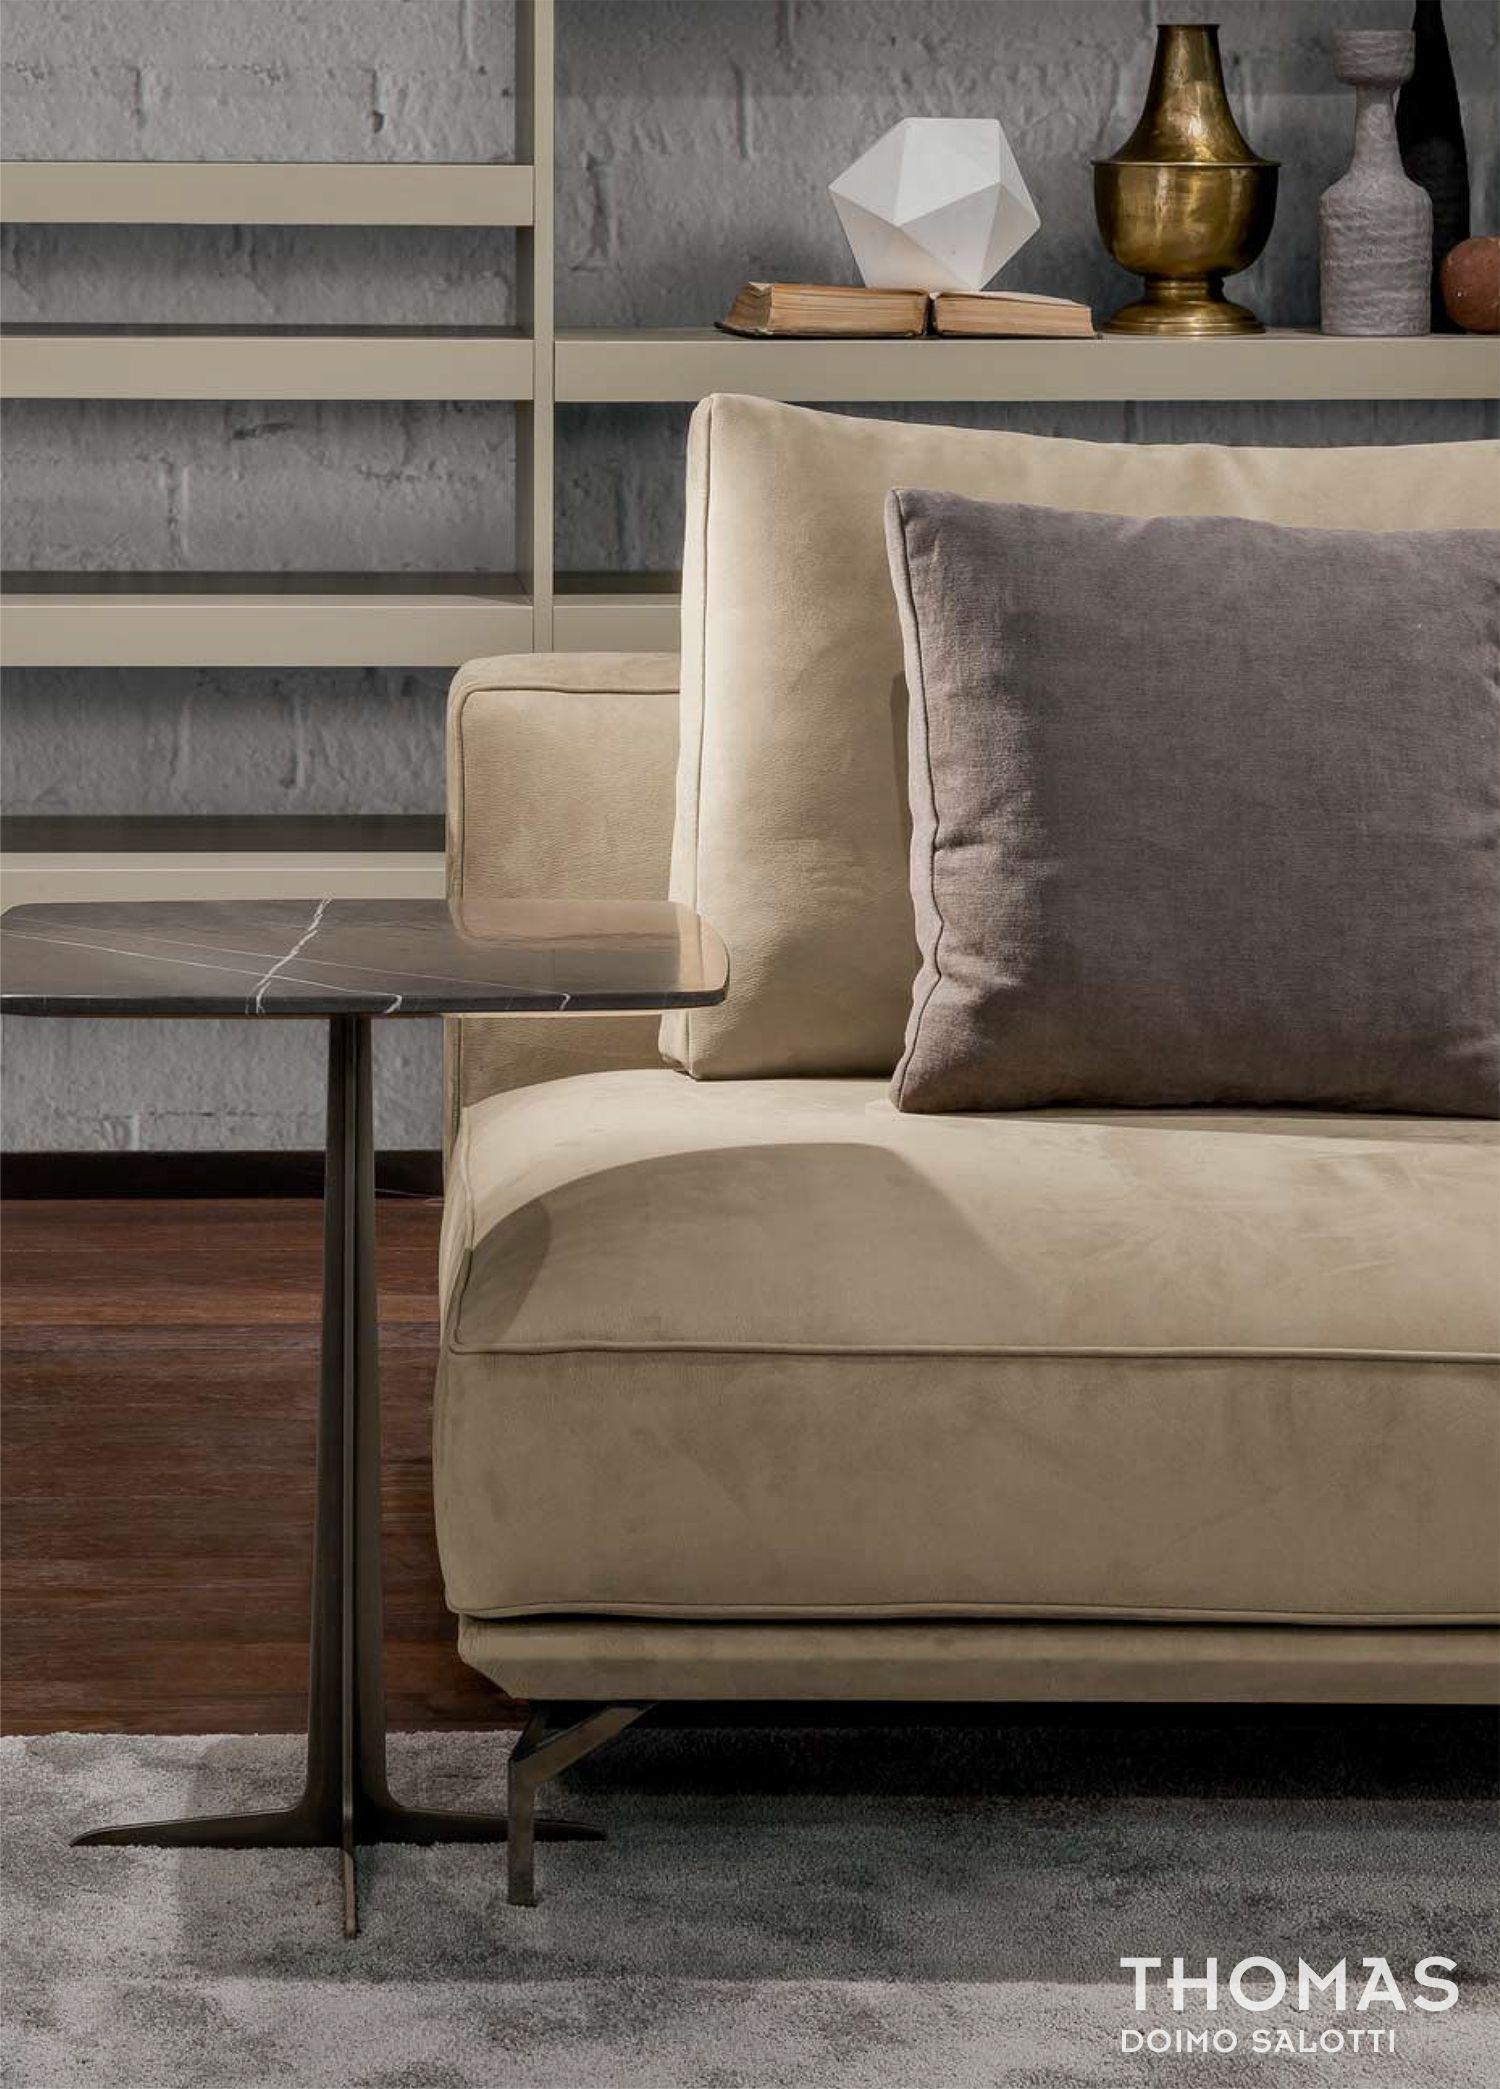 Thomas doimo salotti collezione emporio divano in pelle for Collezione divani e divani